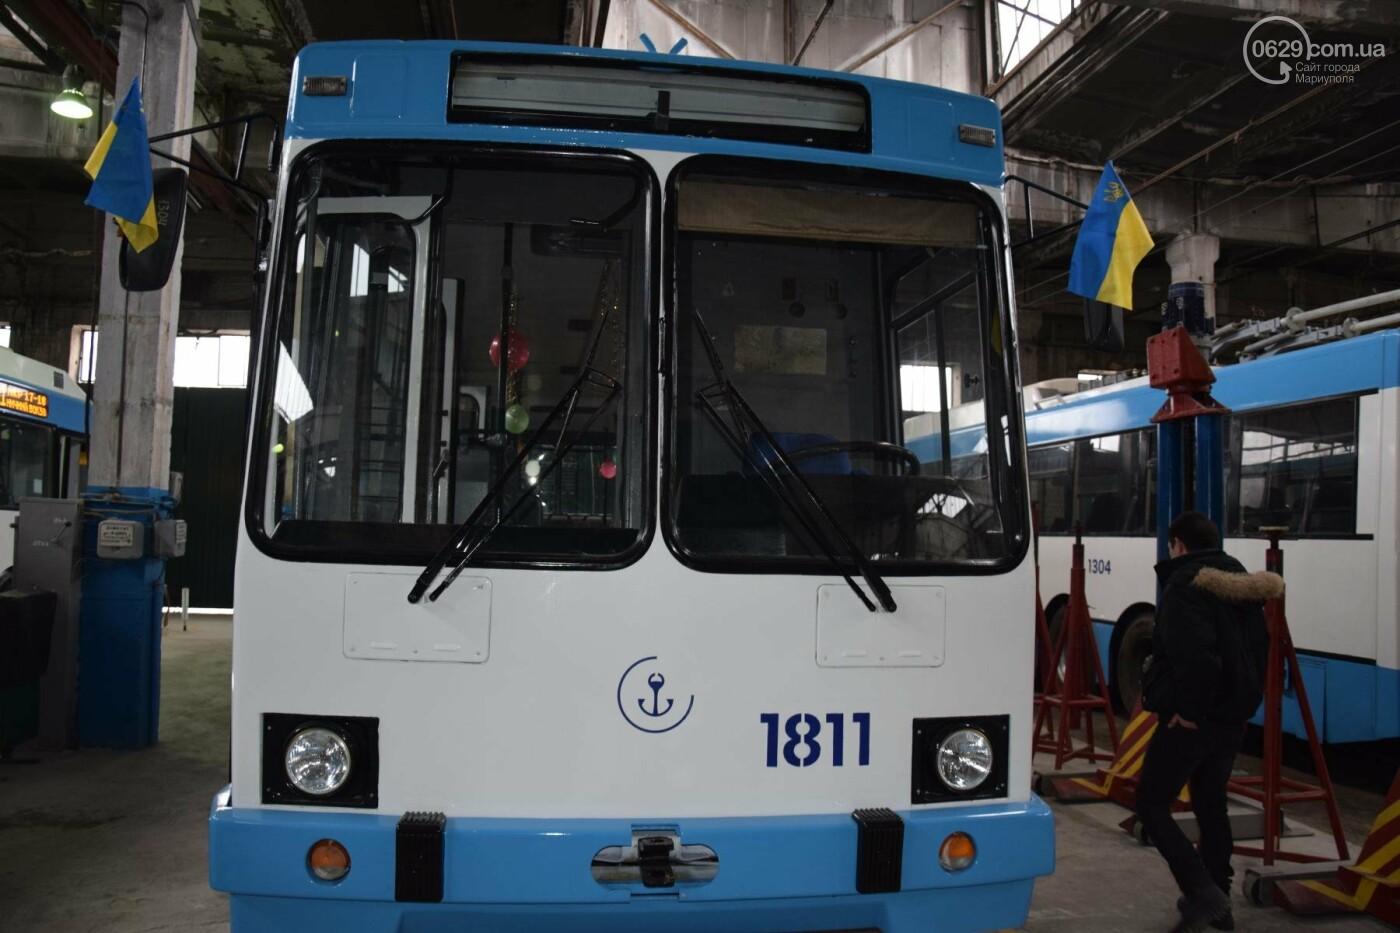 """В """"малярне будущего"""" реанимировали старый мариупольский троллейбус (ФОТО, ВИДЕО), фото-1"""